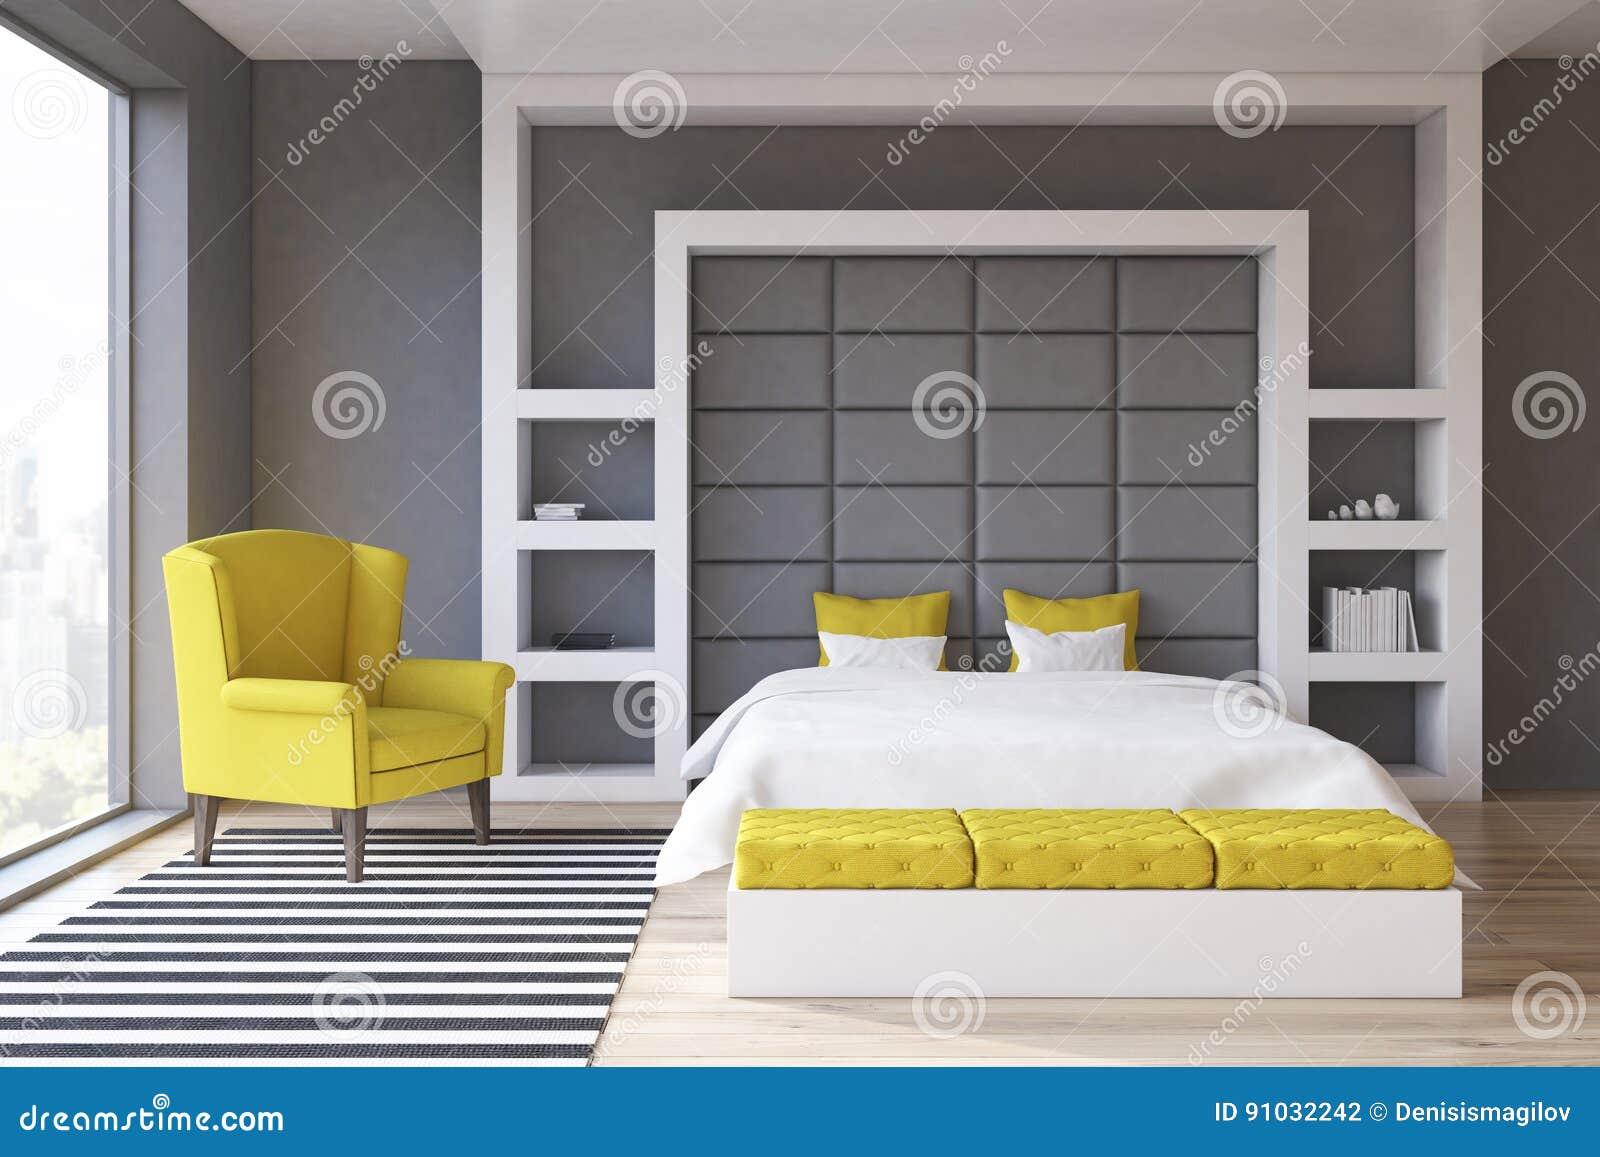 Camera da letto grigia della parete anteriore - Camera da letto grigia ...